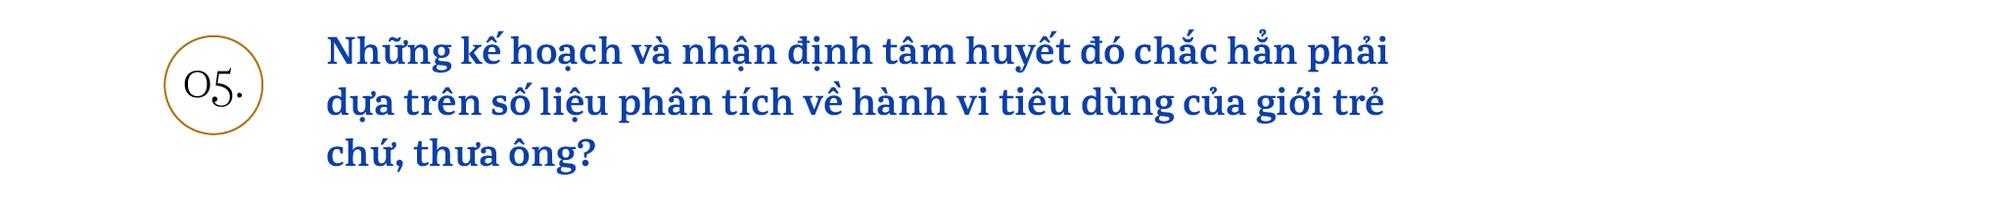 Chủ tịch Yamaha Việt Nam: 'Chúng tôi sẽ khơi dậy khách hàng trẻ tìm được bản ngã của chính mình' - Ảnh 10.